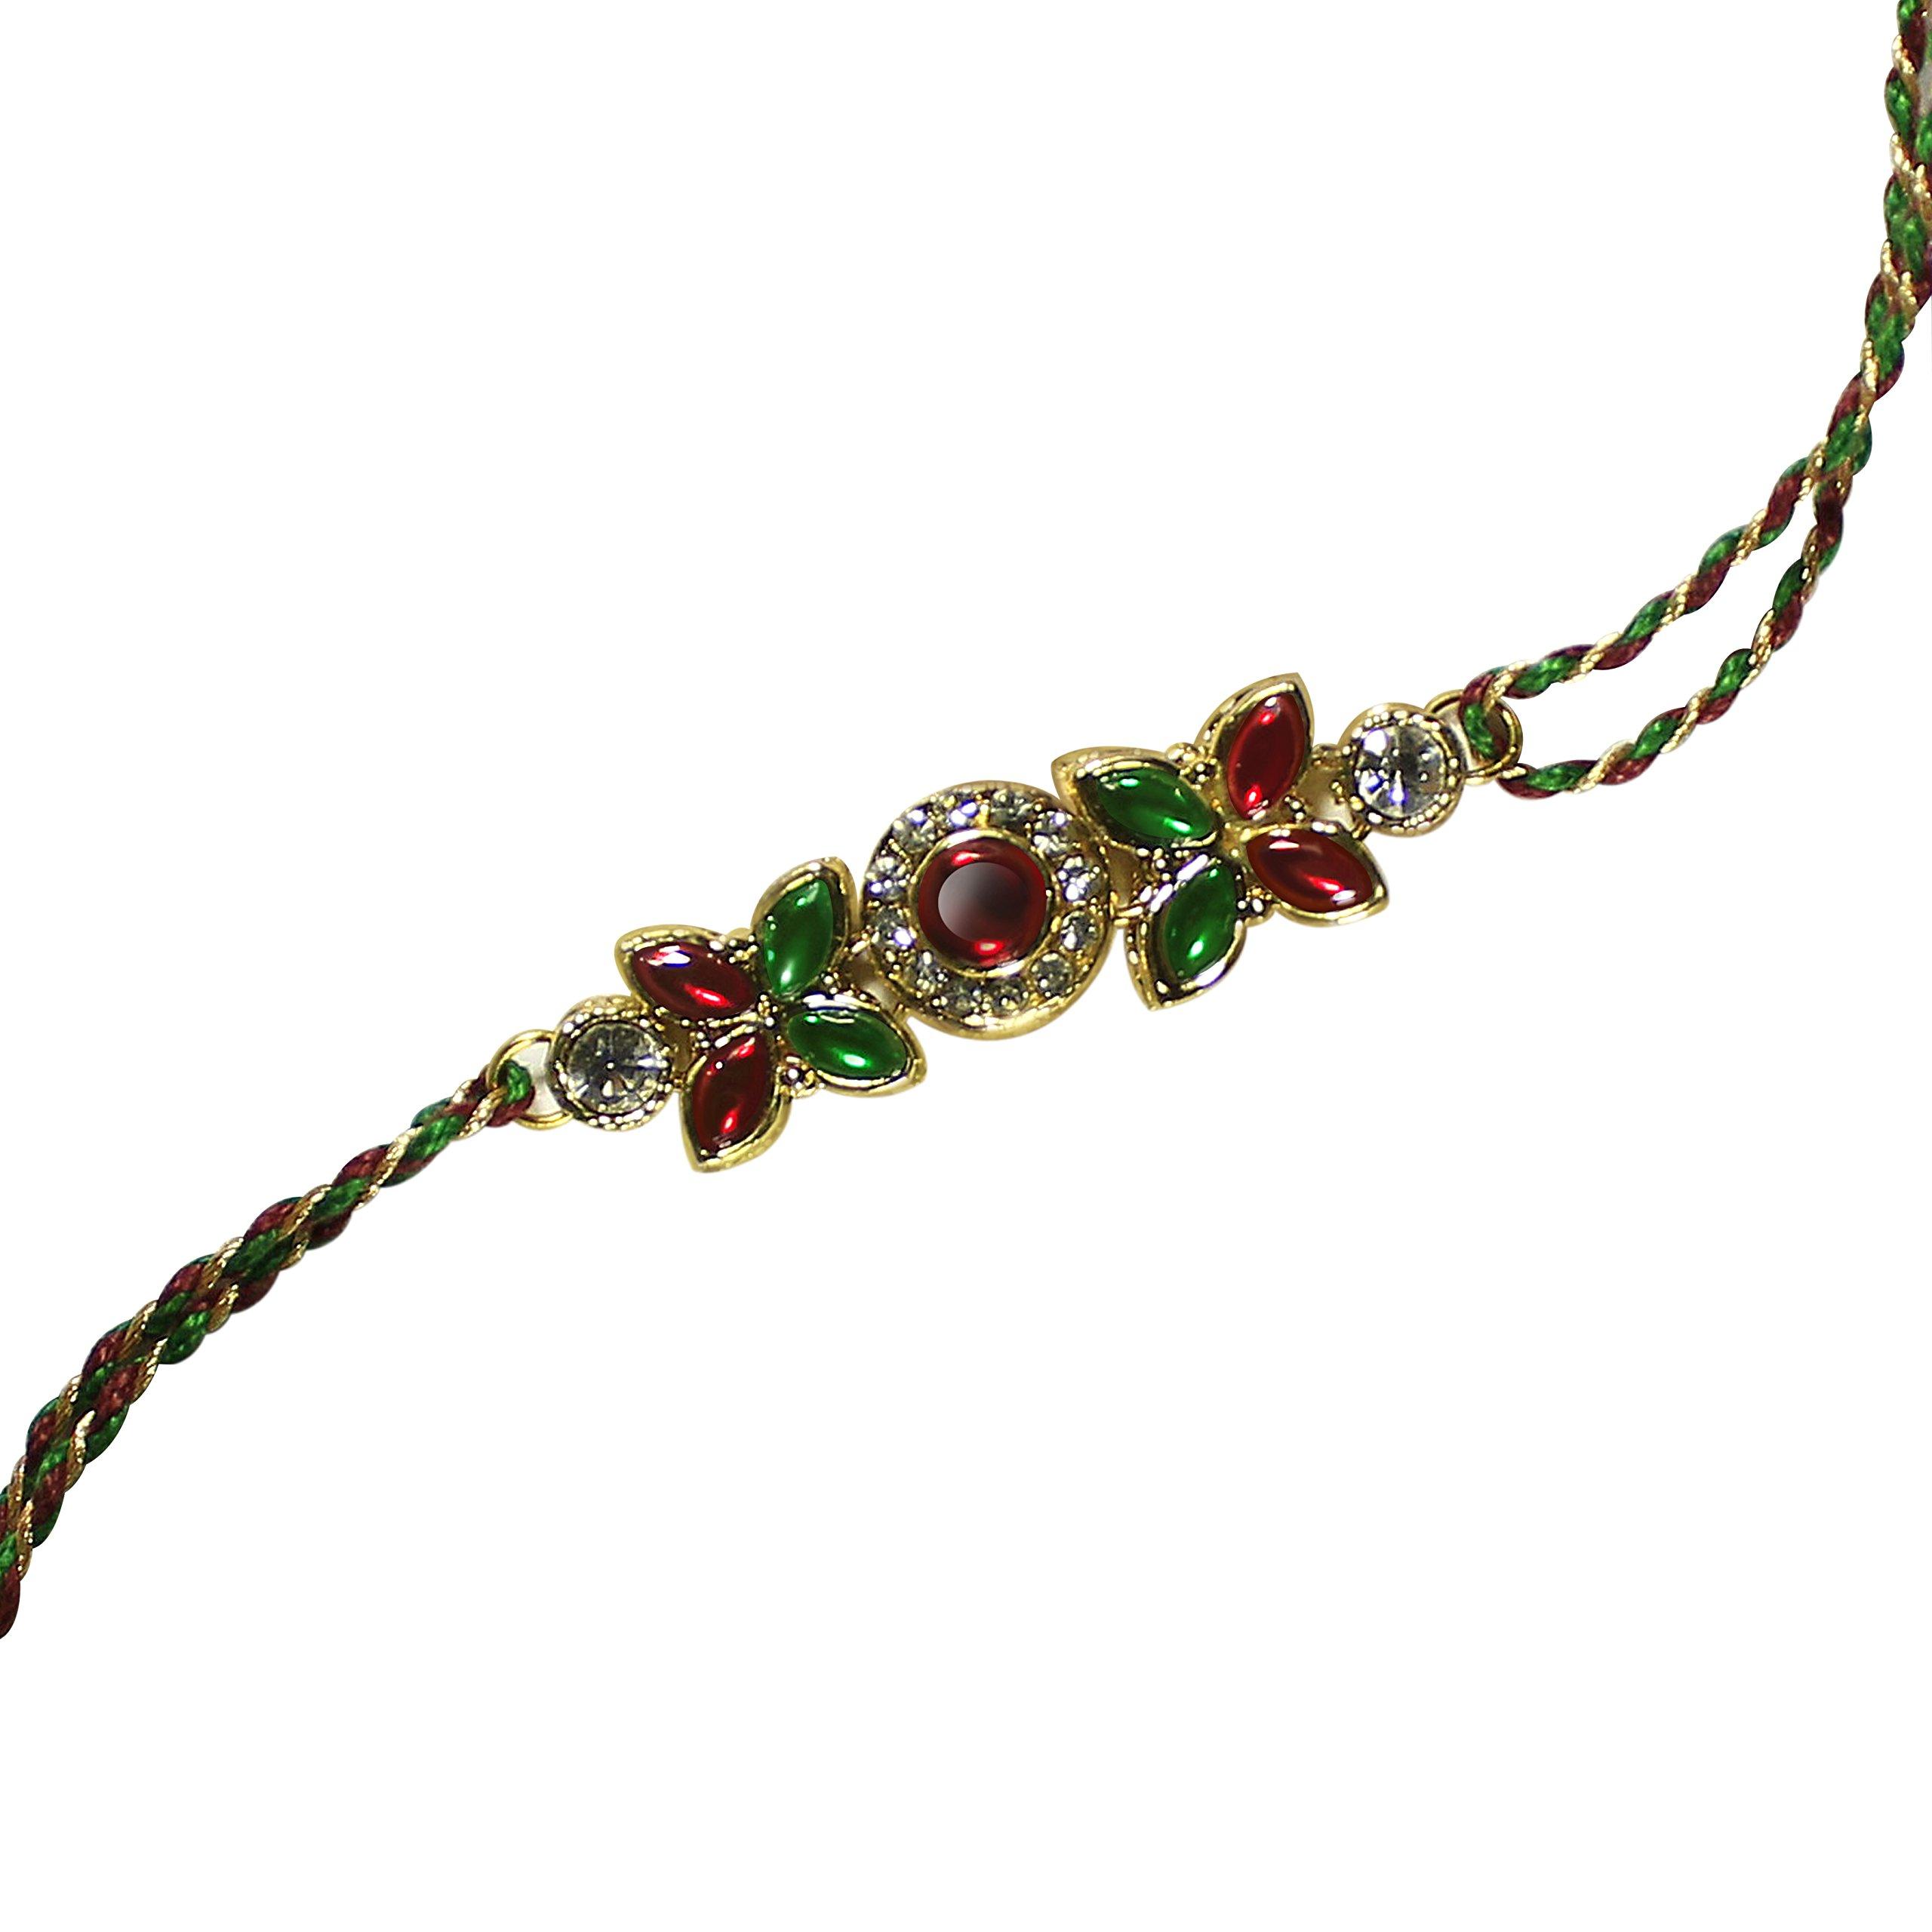 Rakhi Thread for Brother for Raksha Bandhan Handmade Gold Om Design Silk Rakhee Rakshabandhan Bracelet with Resin /& Motif in Kundan Design